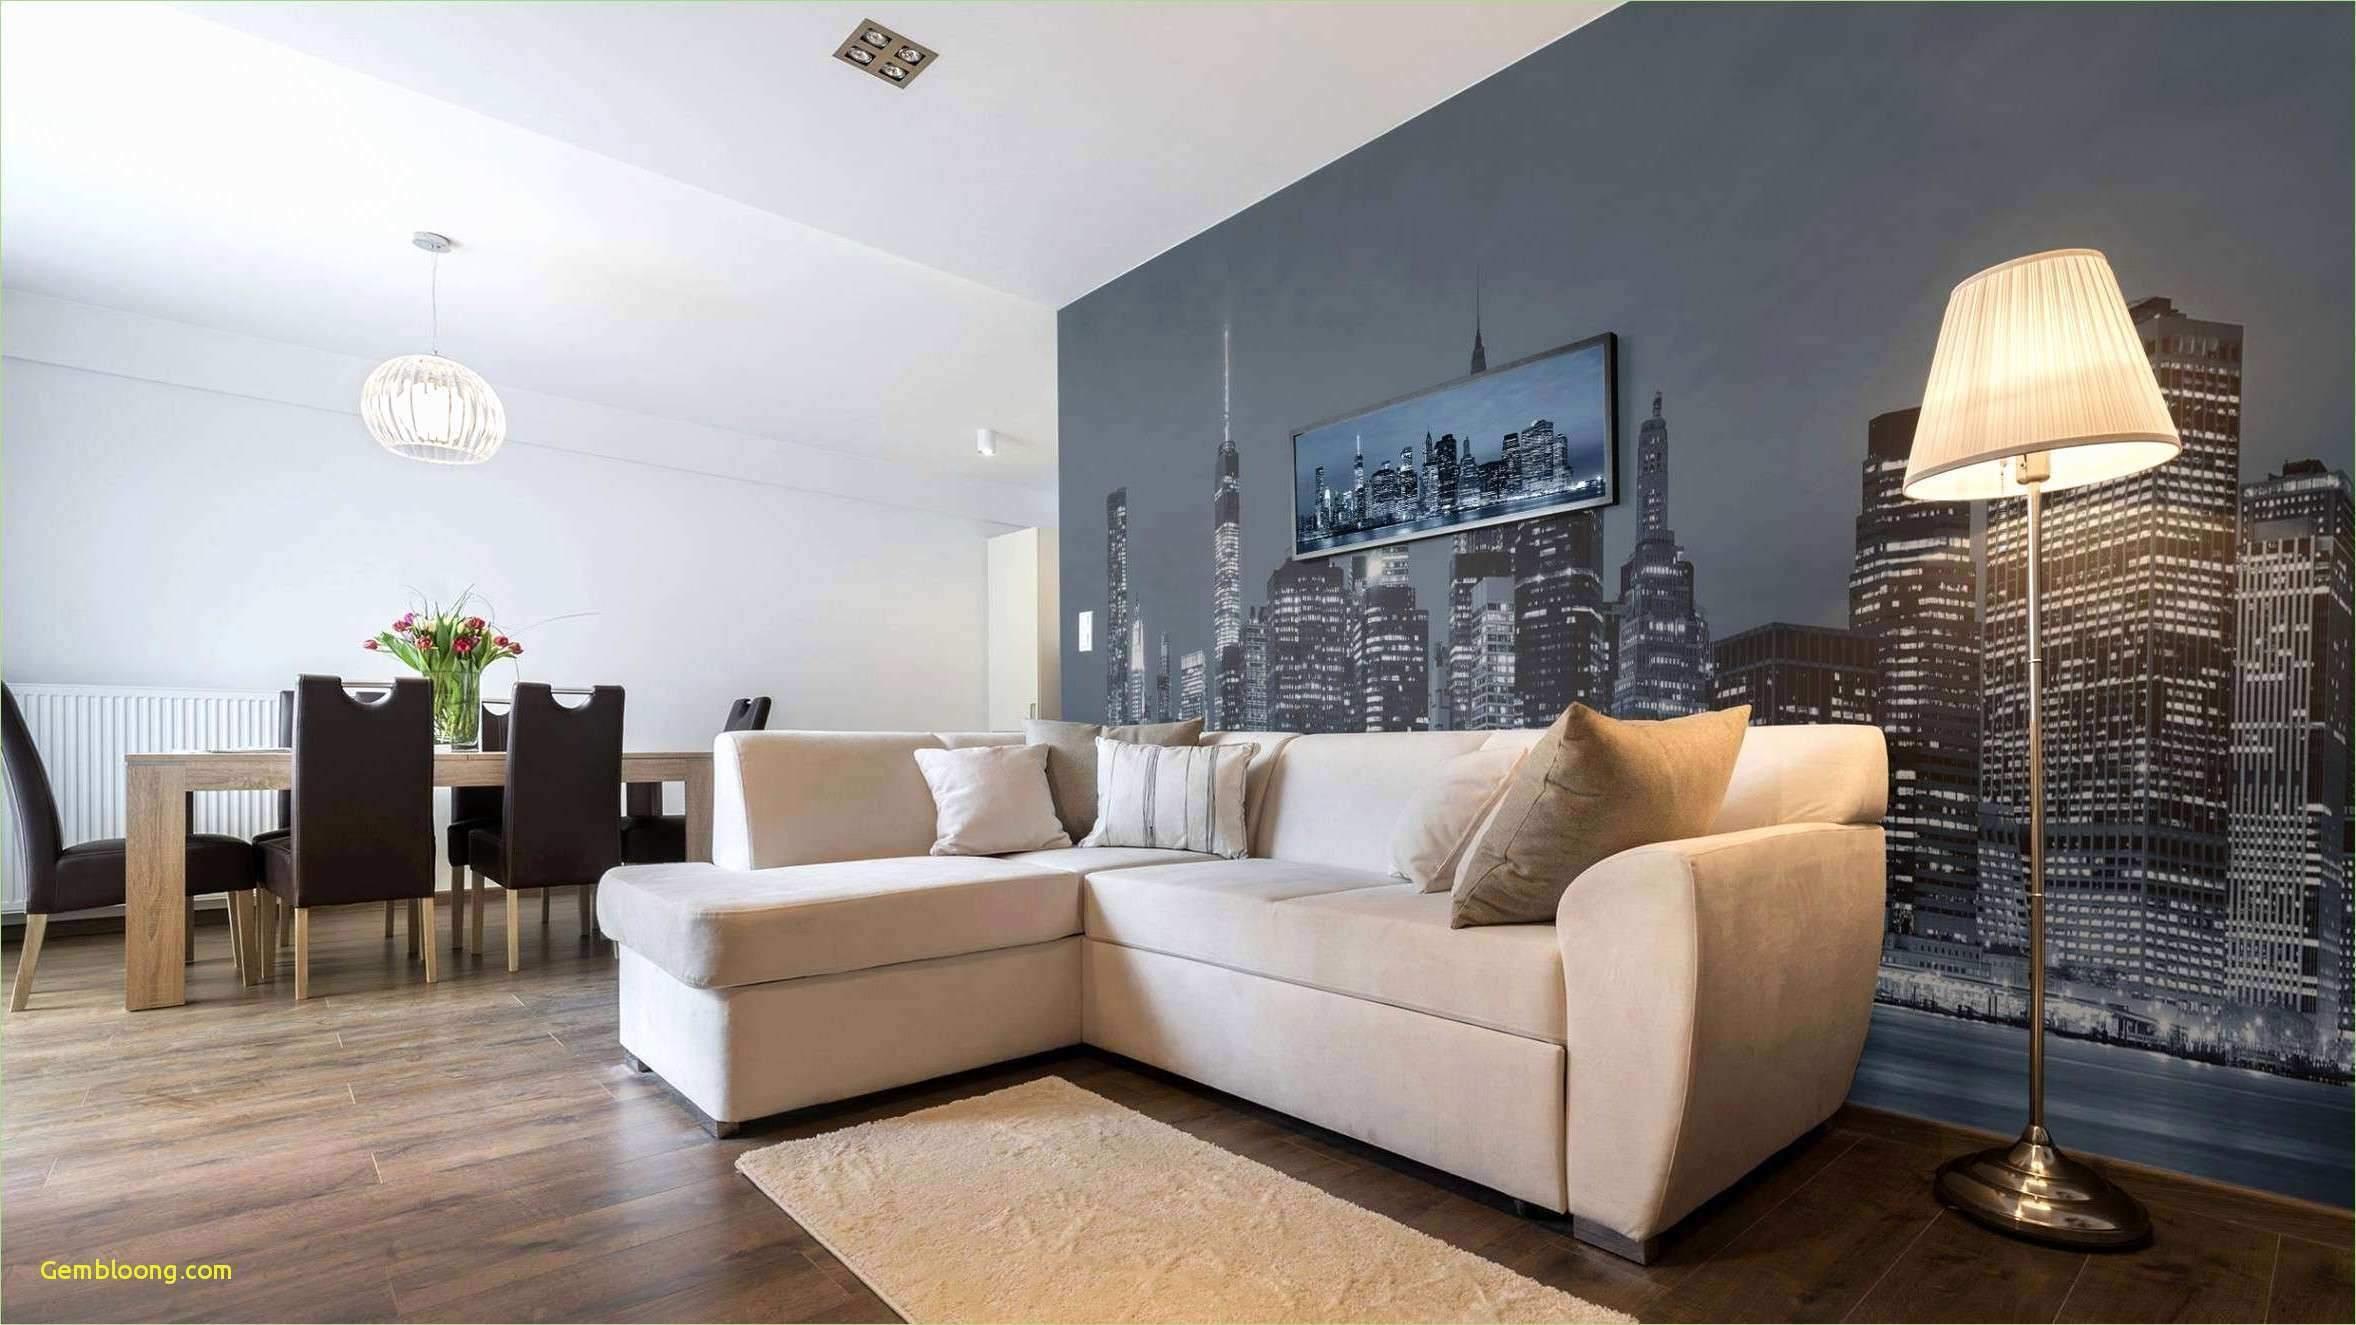 wohnzimmer deko selber machen das beste von 50 einzigartig von wohnzimmer deko selber machen meinung of wohnzimmer deko selber machen